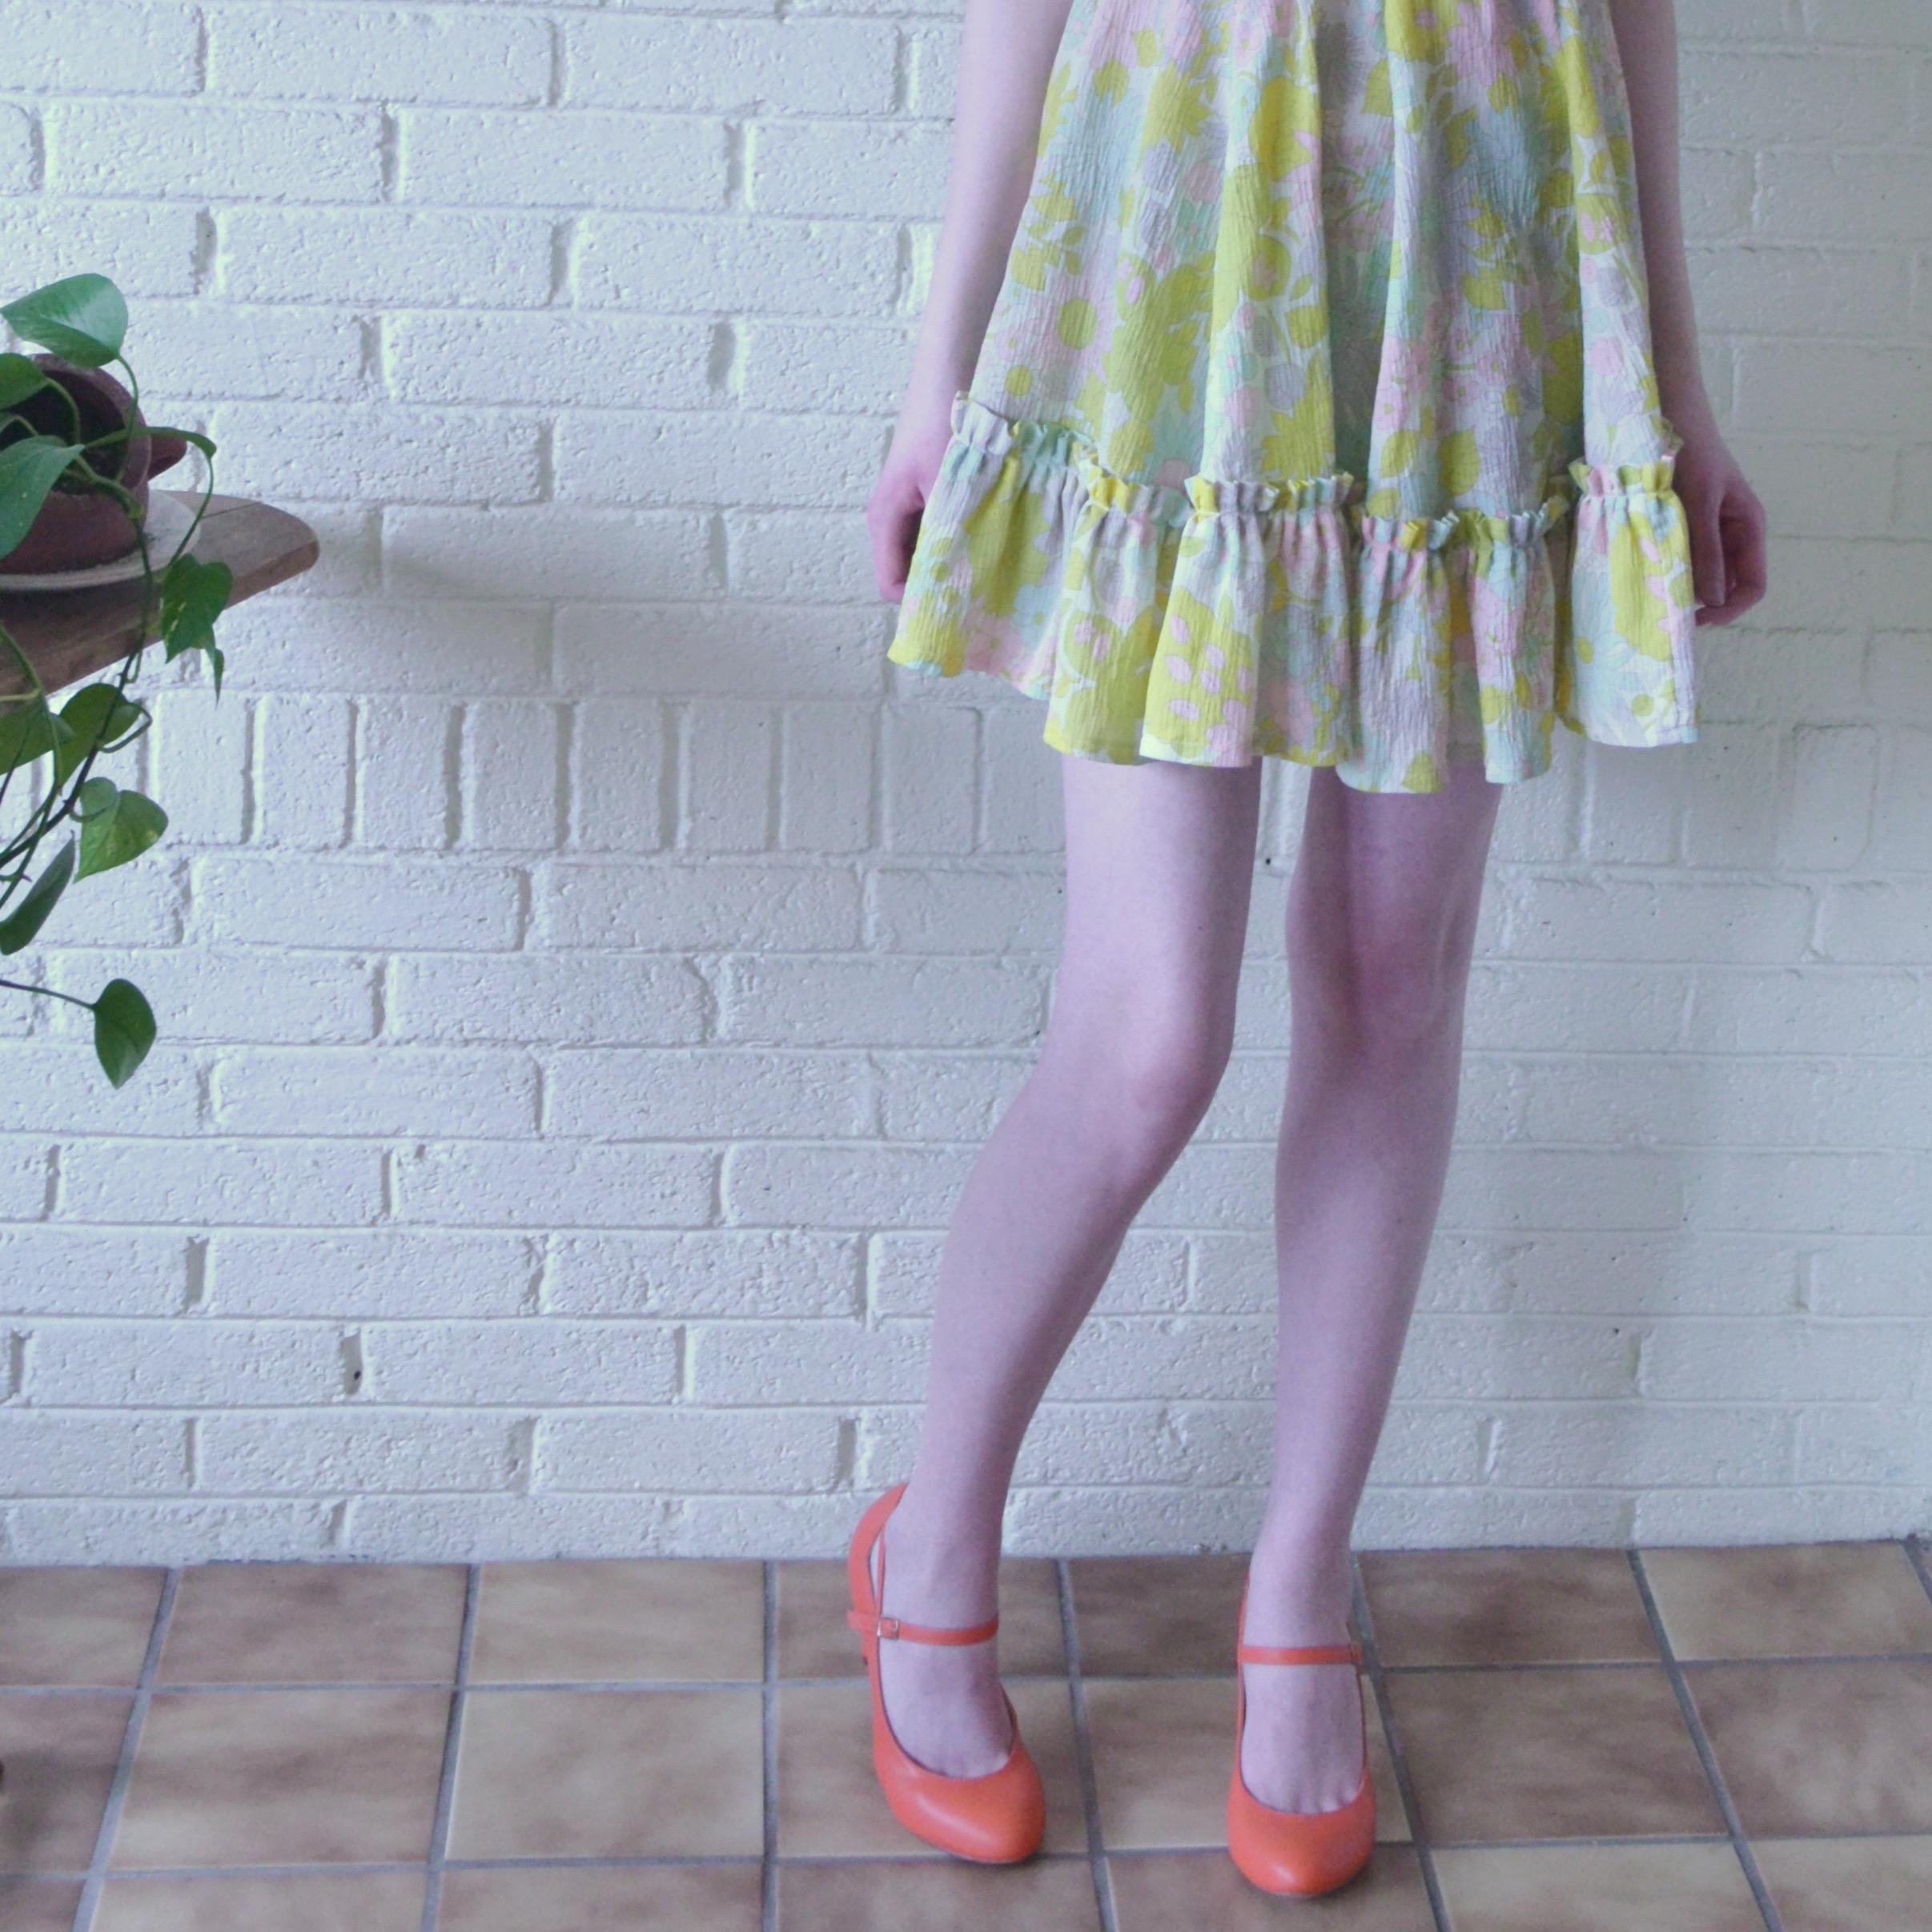 Novelty Print Baby Dress Teaser.jpg